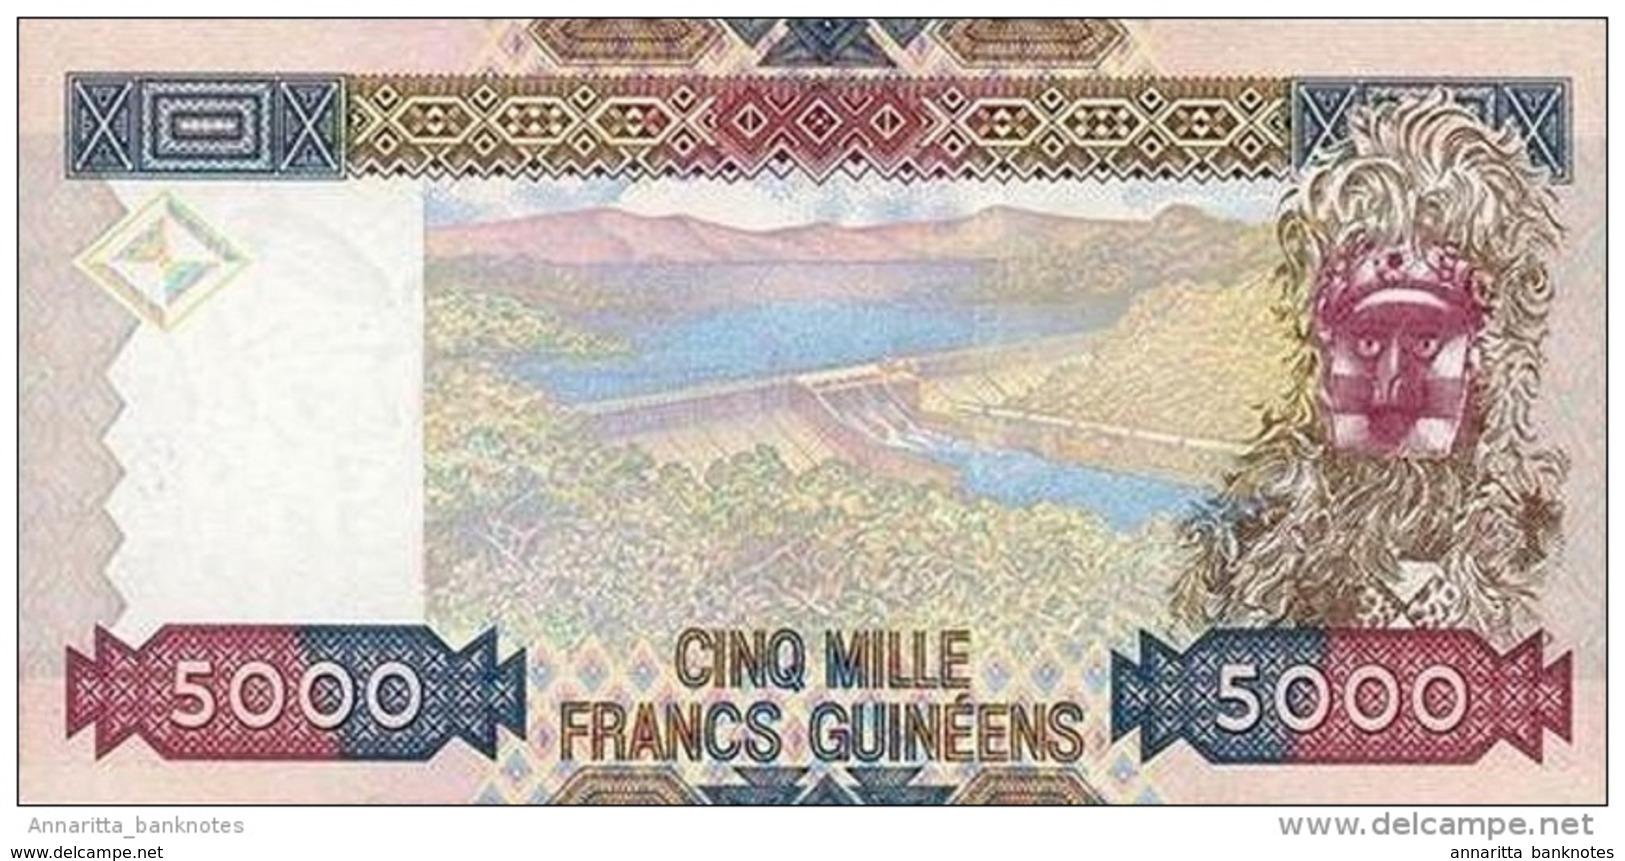 GUINÉE 5000 FRANCS 2012 P-41b NEUF [GN330b] - Guinea